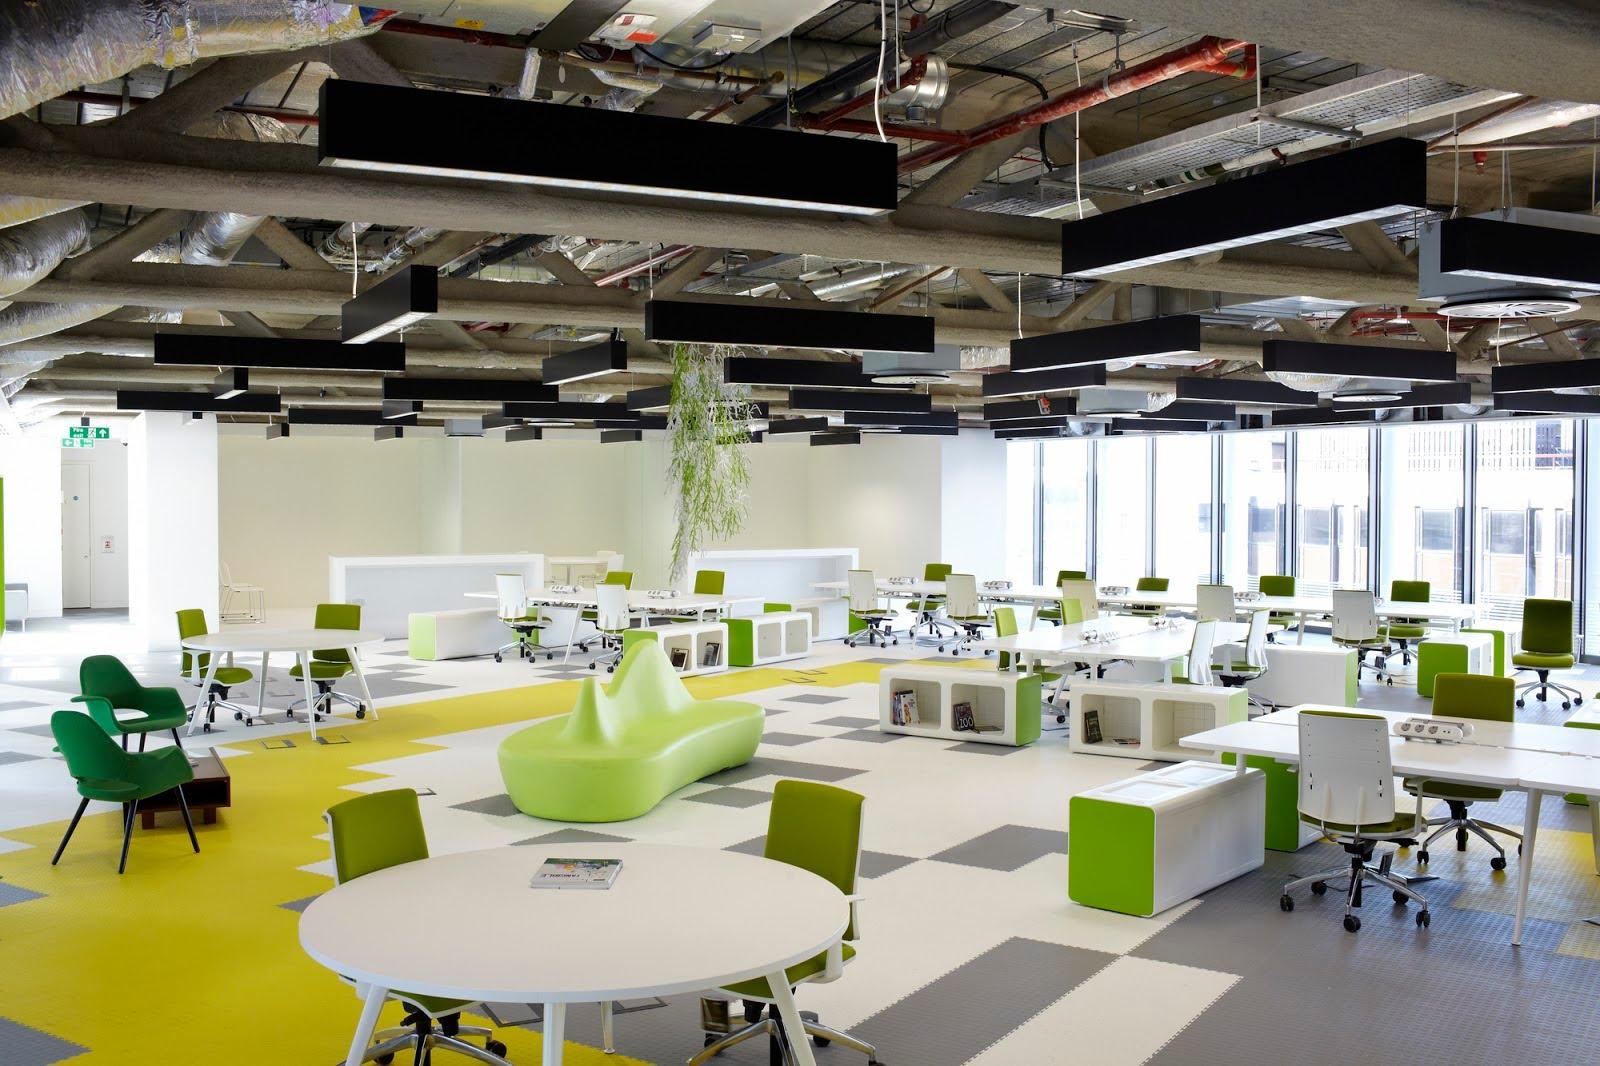 Thiết kế văn phòng hiện đại cho doanh nghiệp